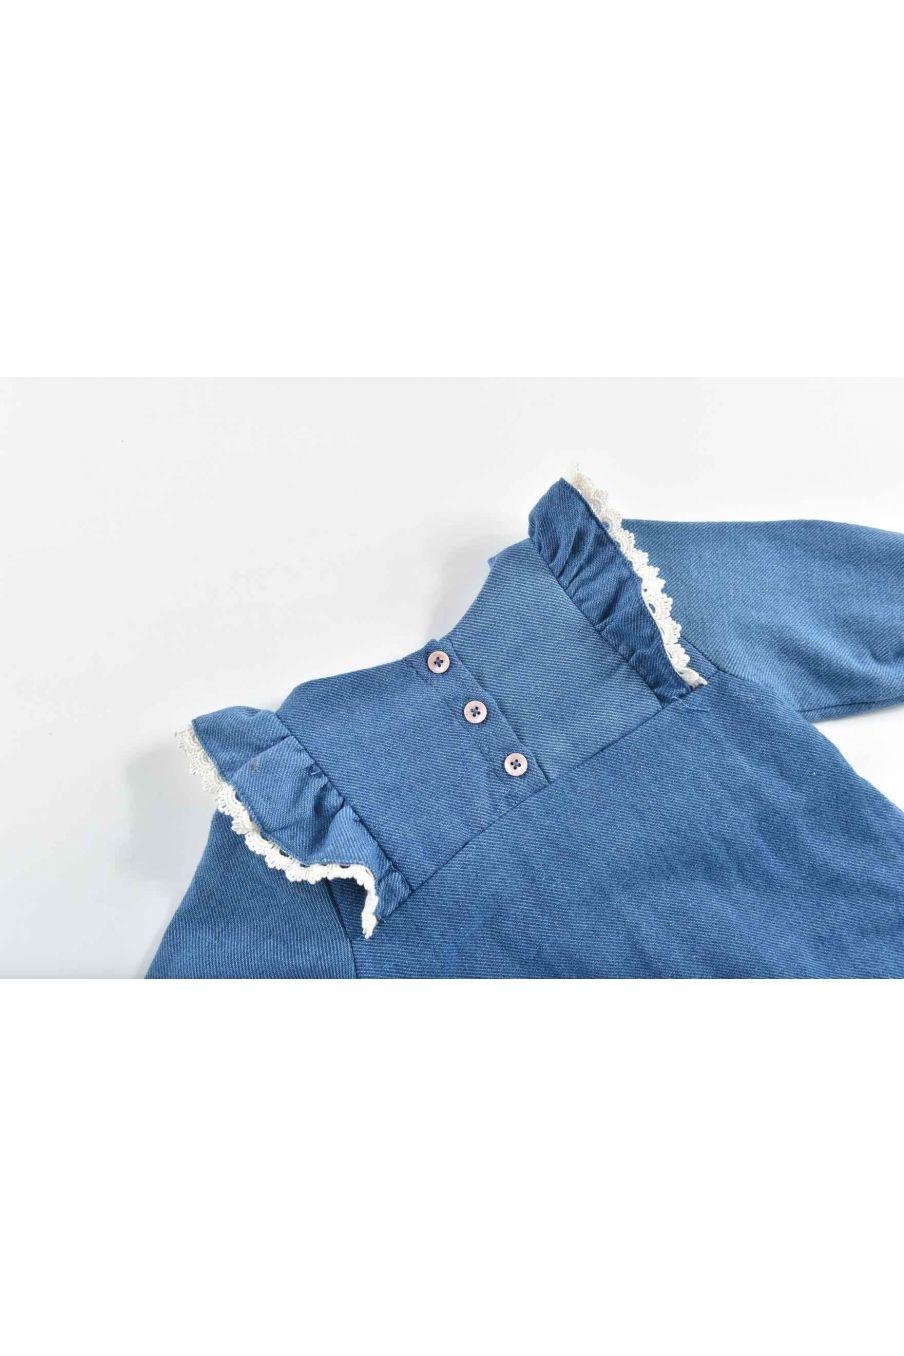 combinaison bebe fille fideo blue denim - louise misha